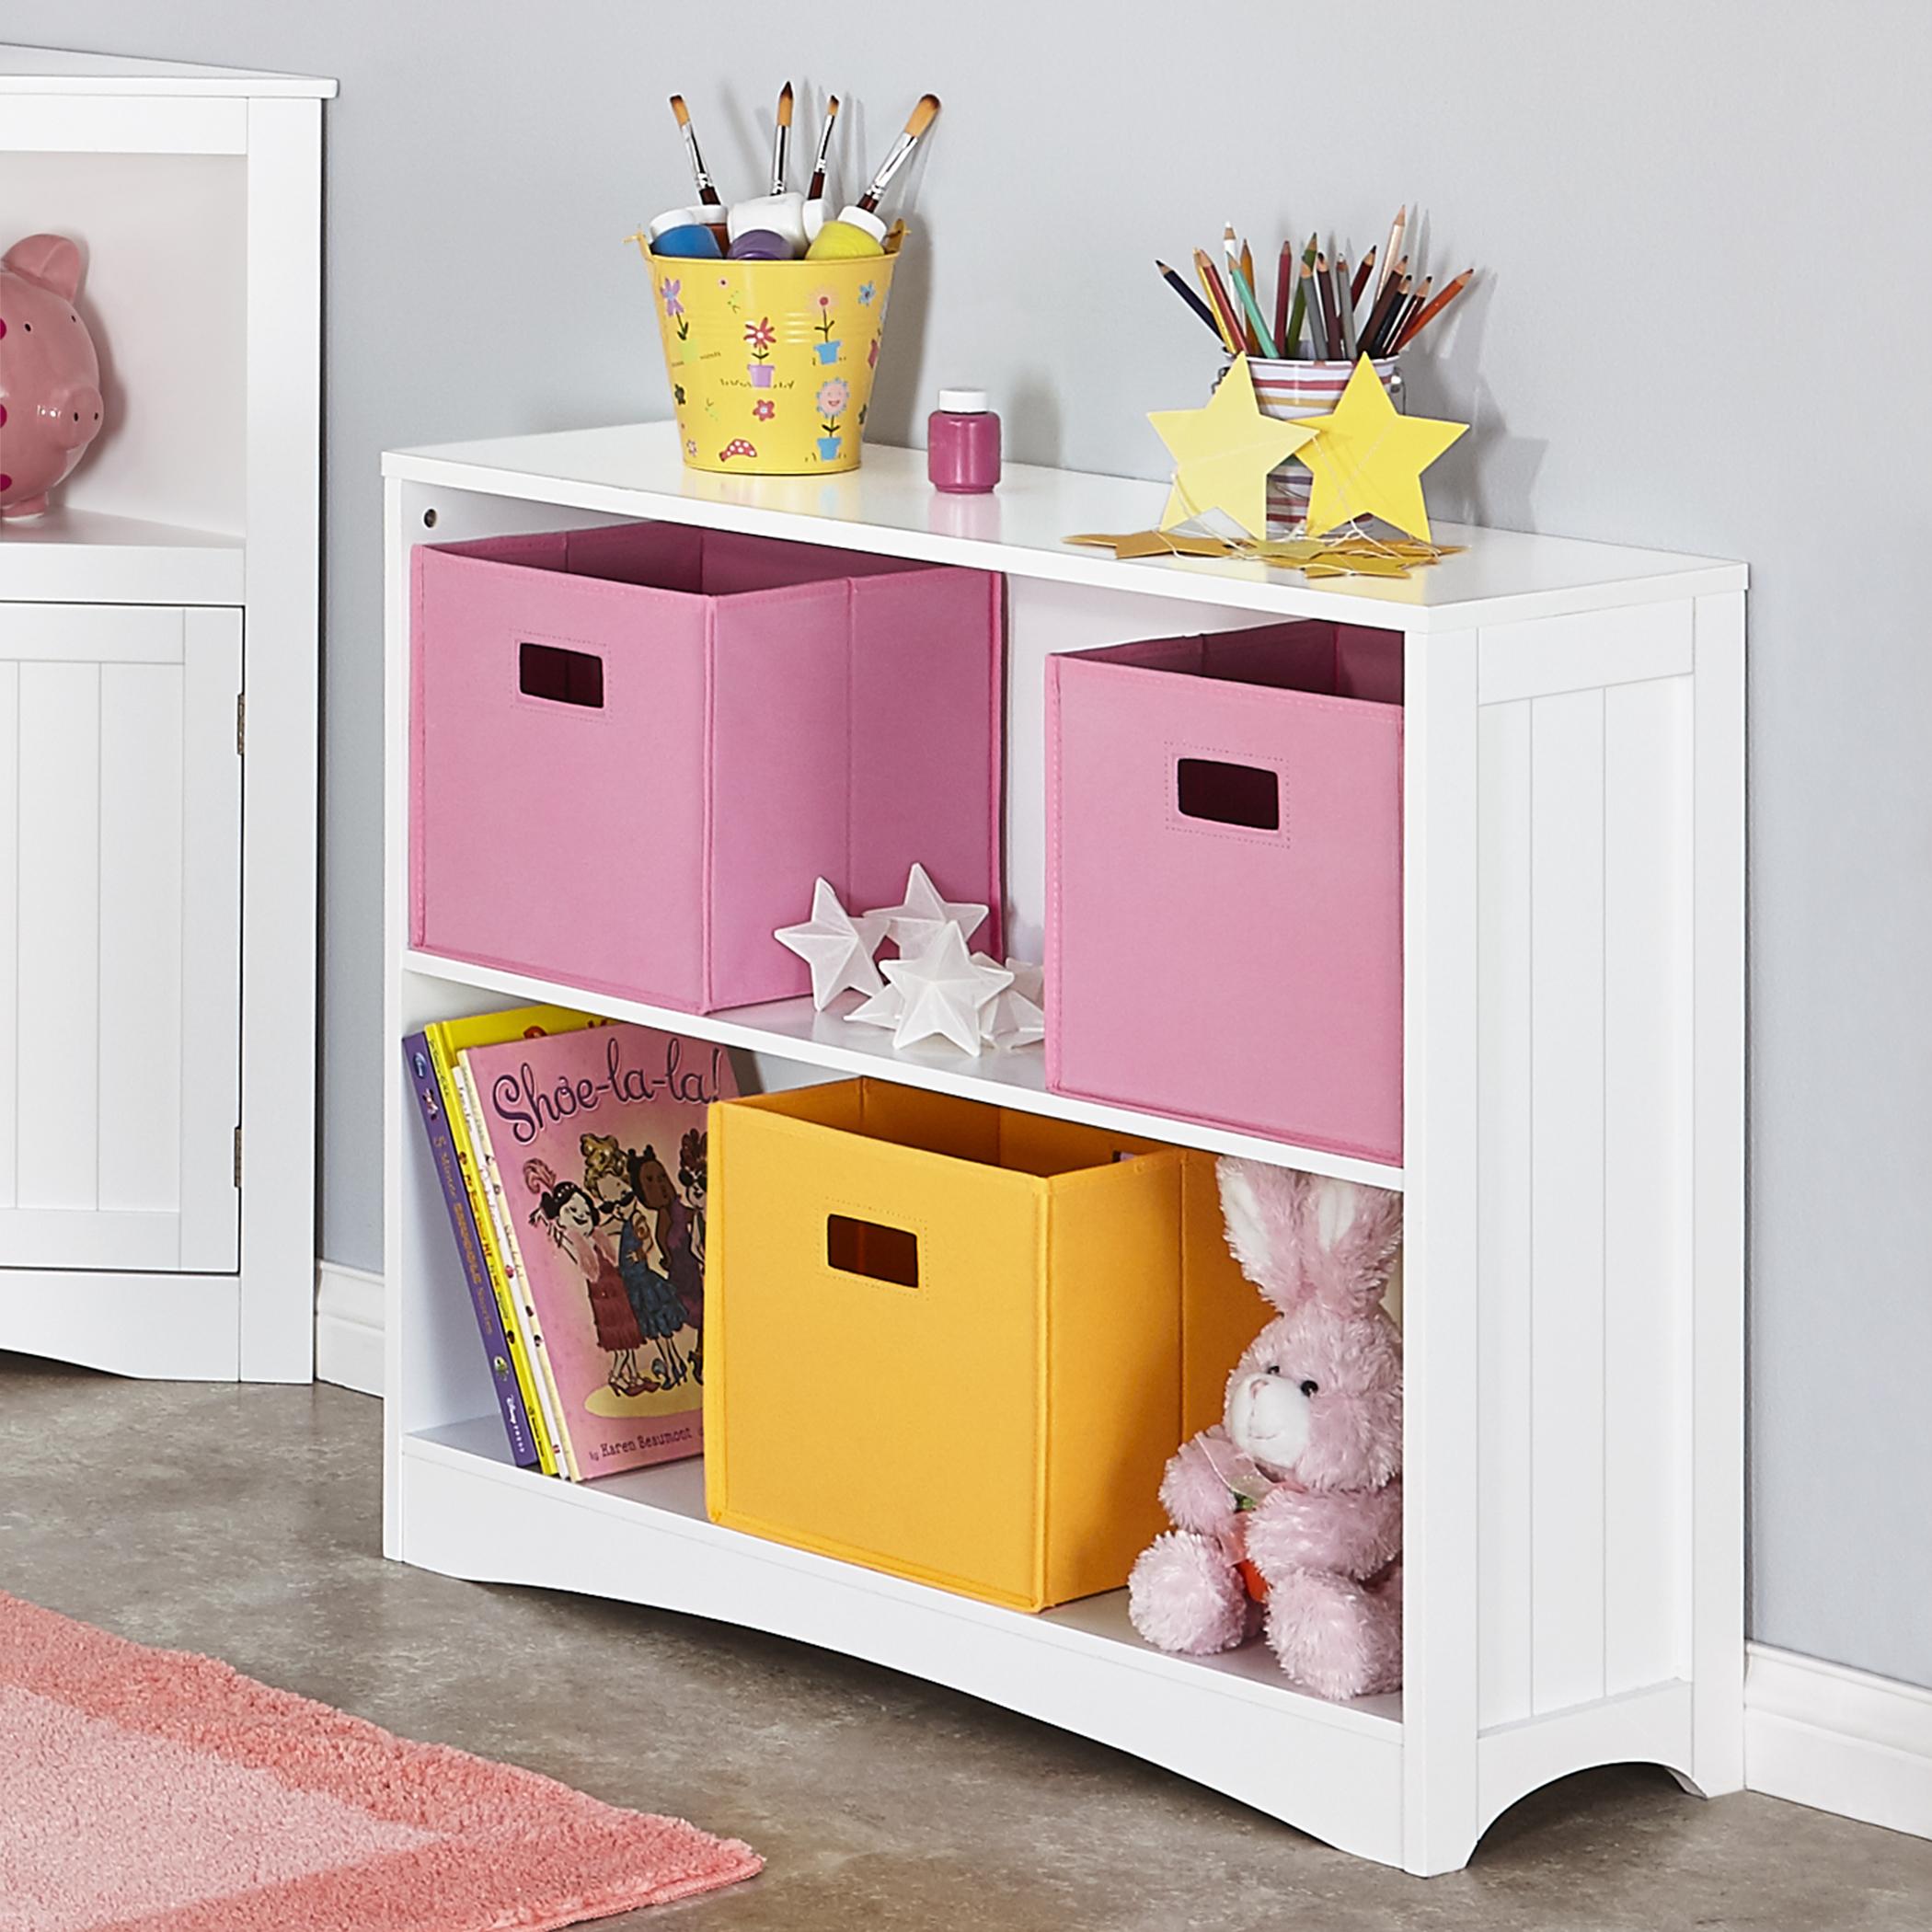 RiverRidge Kids Horizontal Bookshelf, 2-Tier, Multiple Colors